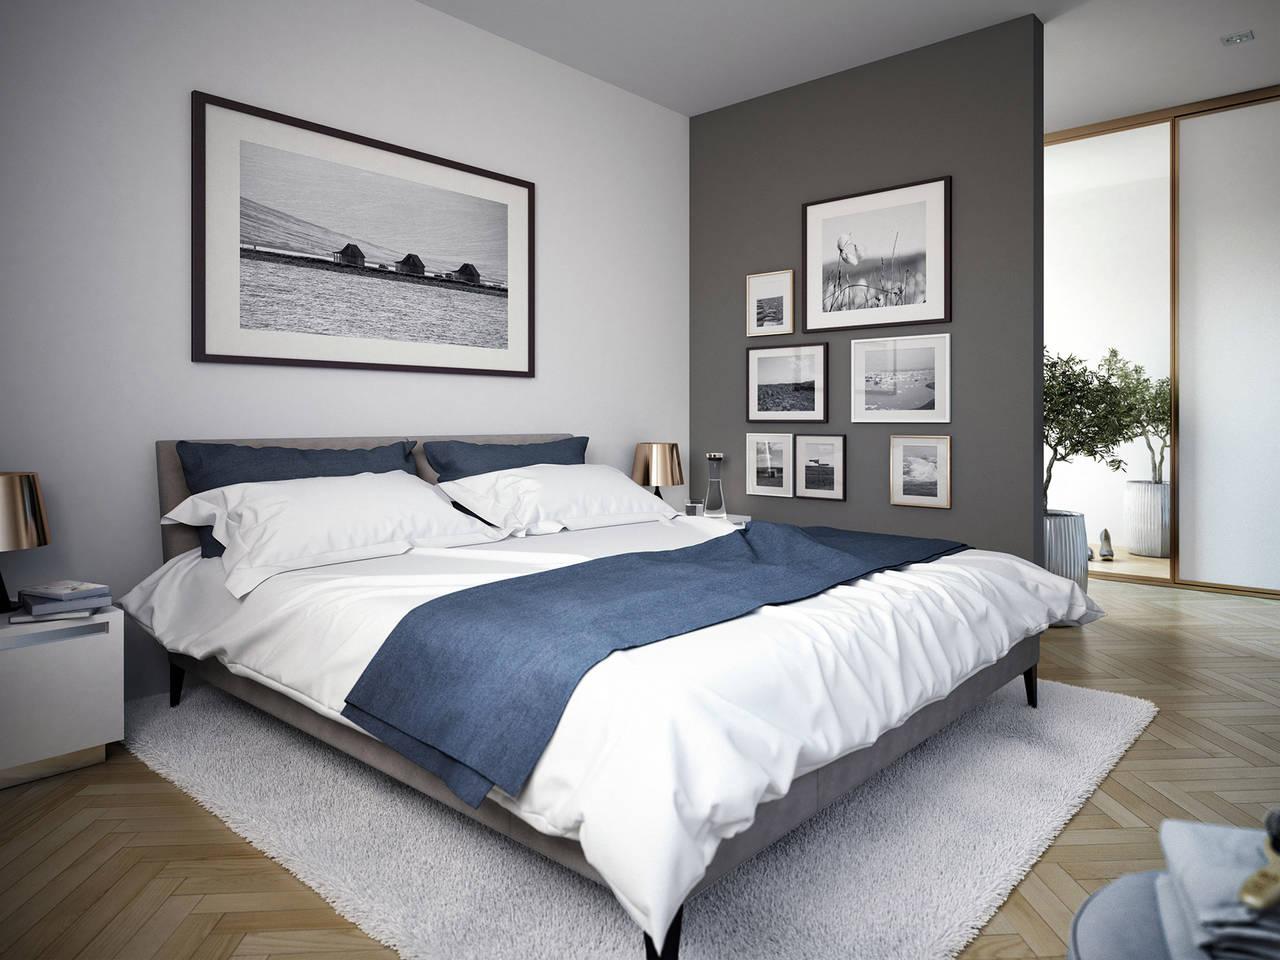 Haus SOLUTION 204 V10 Schlafzimmer von Living Haus